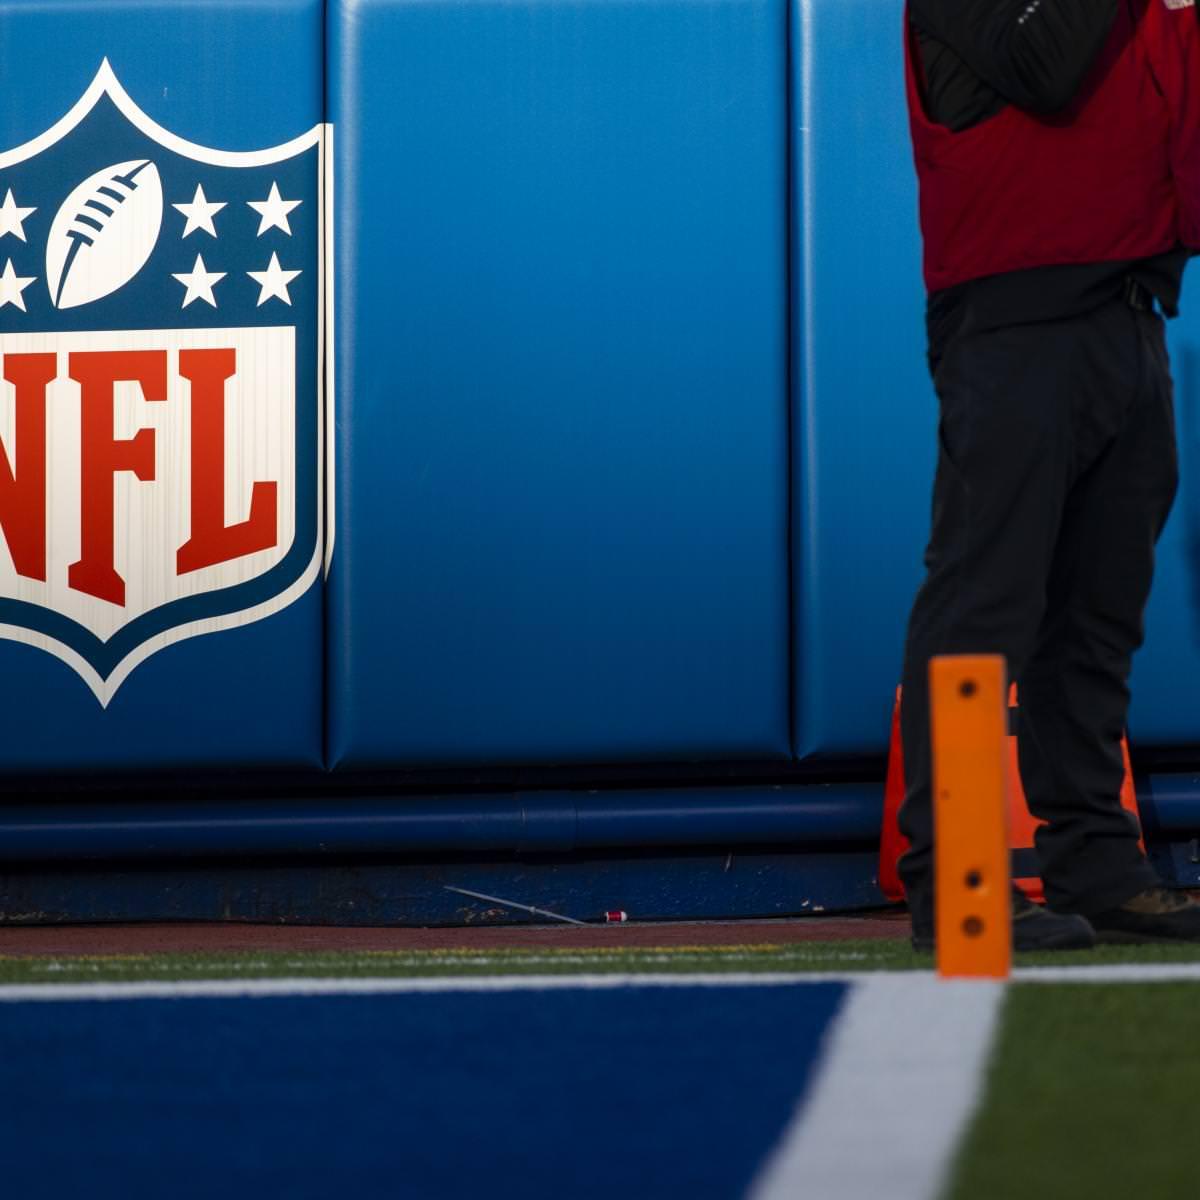 NFL concorda com novos contratos de direitos de TV supostamente no valor de US $ 110 bilhões em 11 anos